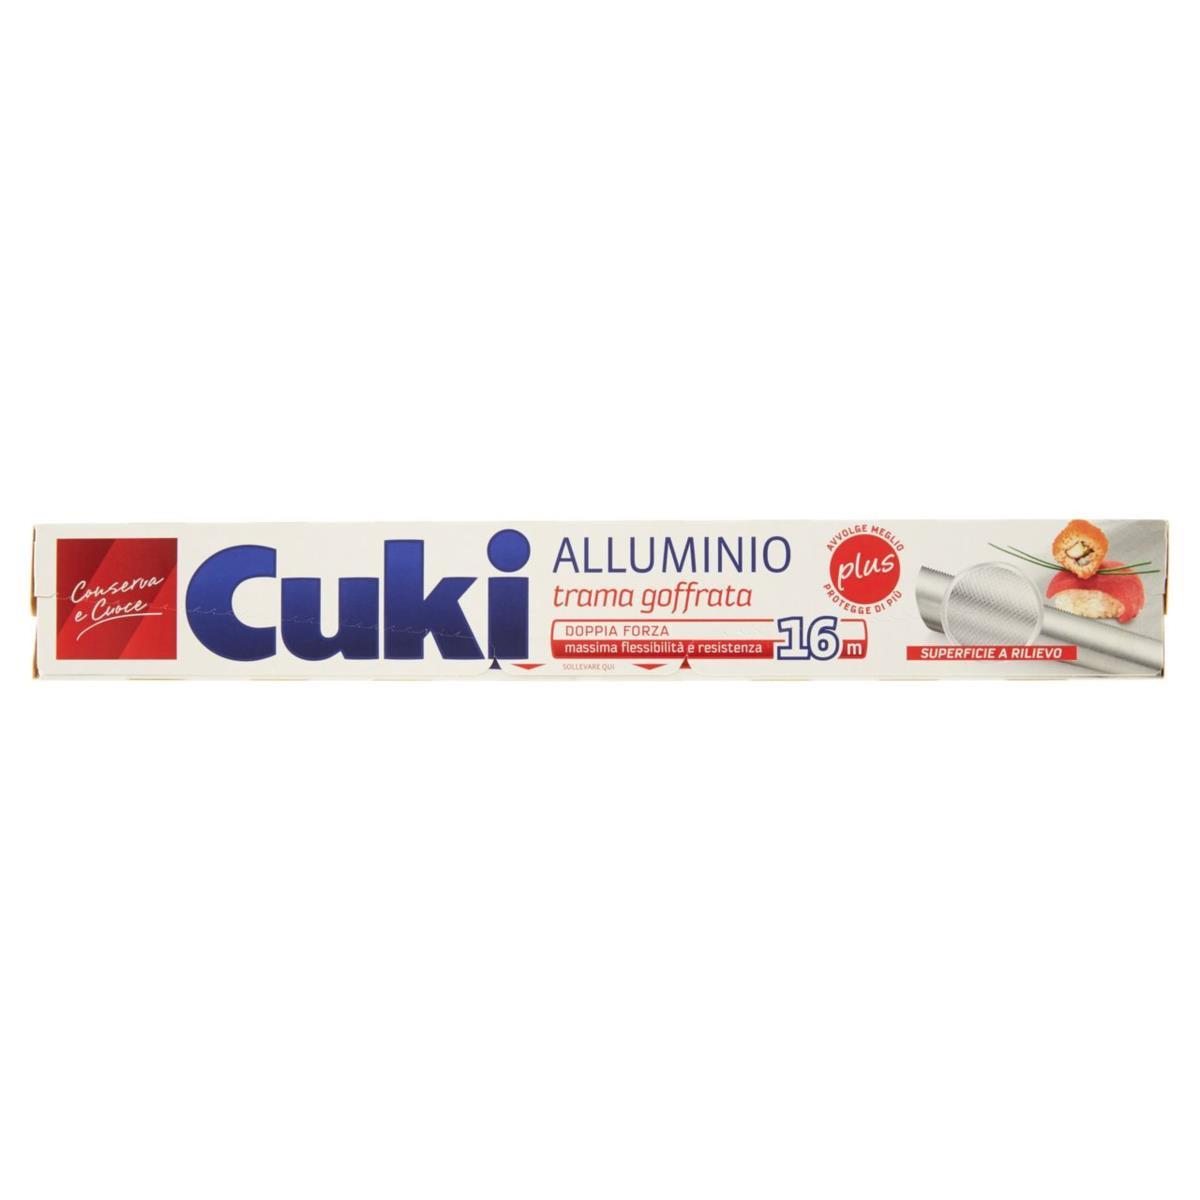 Cuki Alluminio Plus 16mt